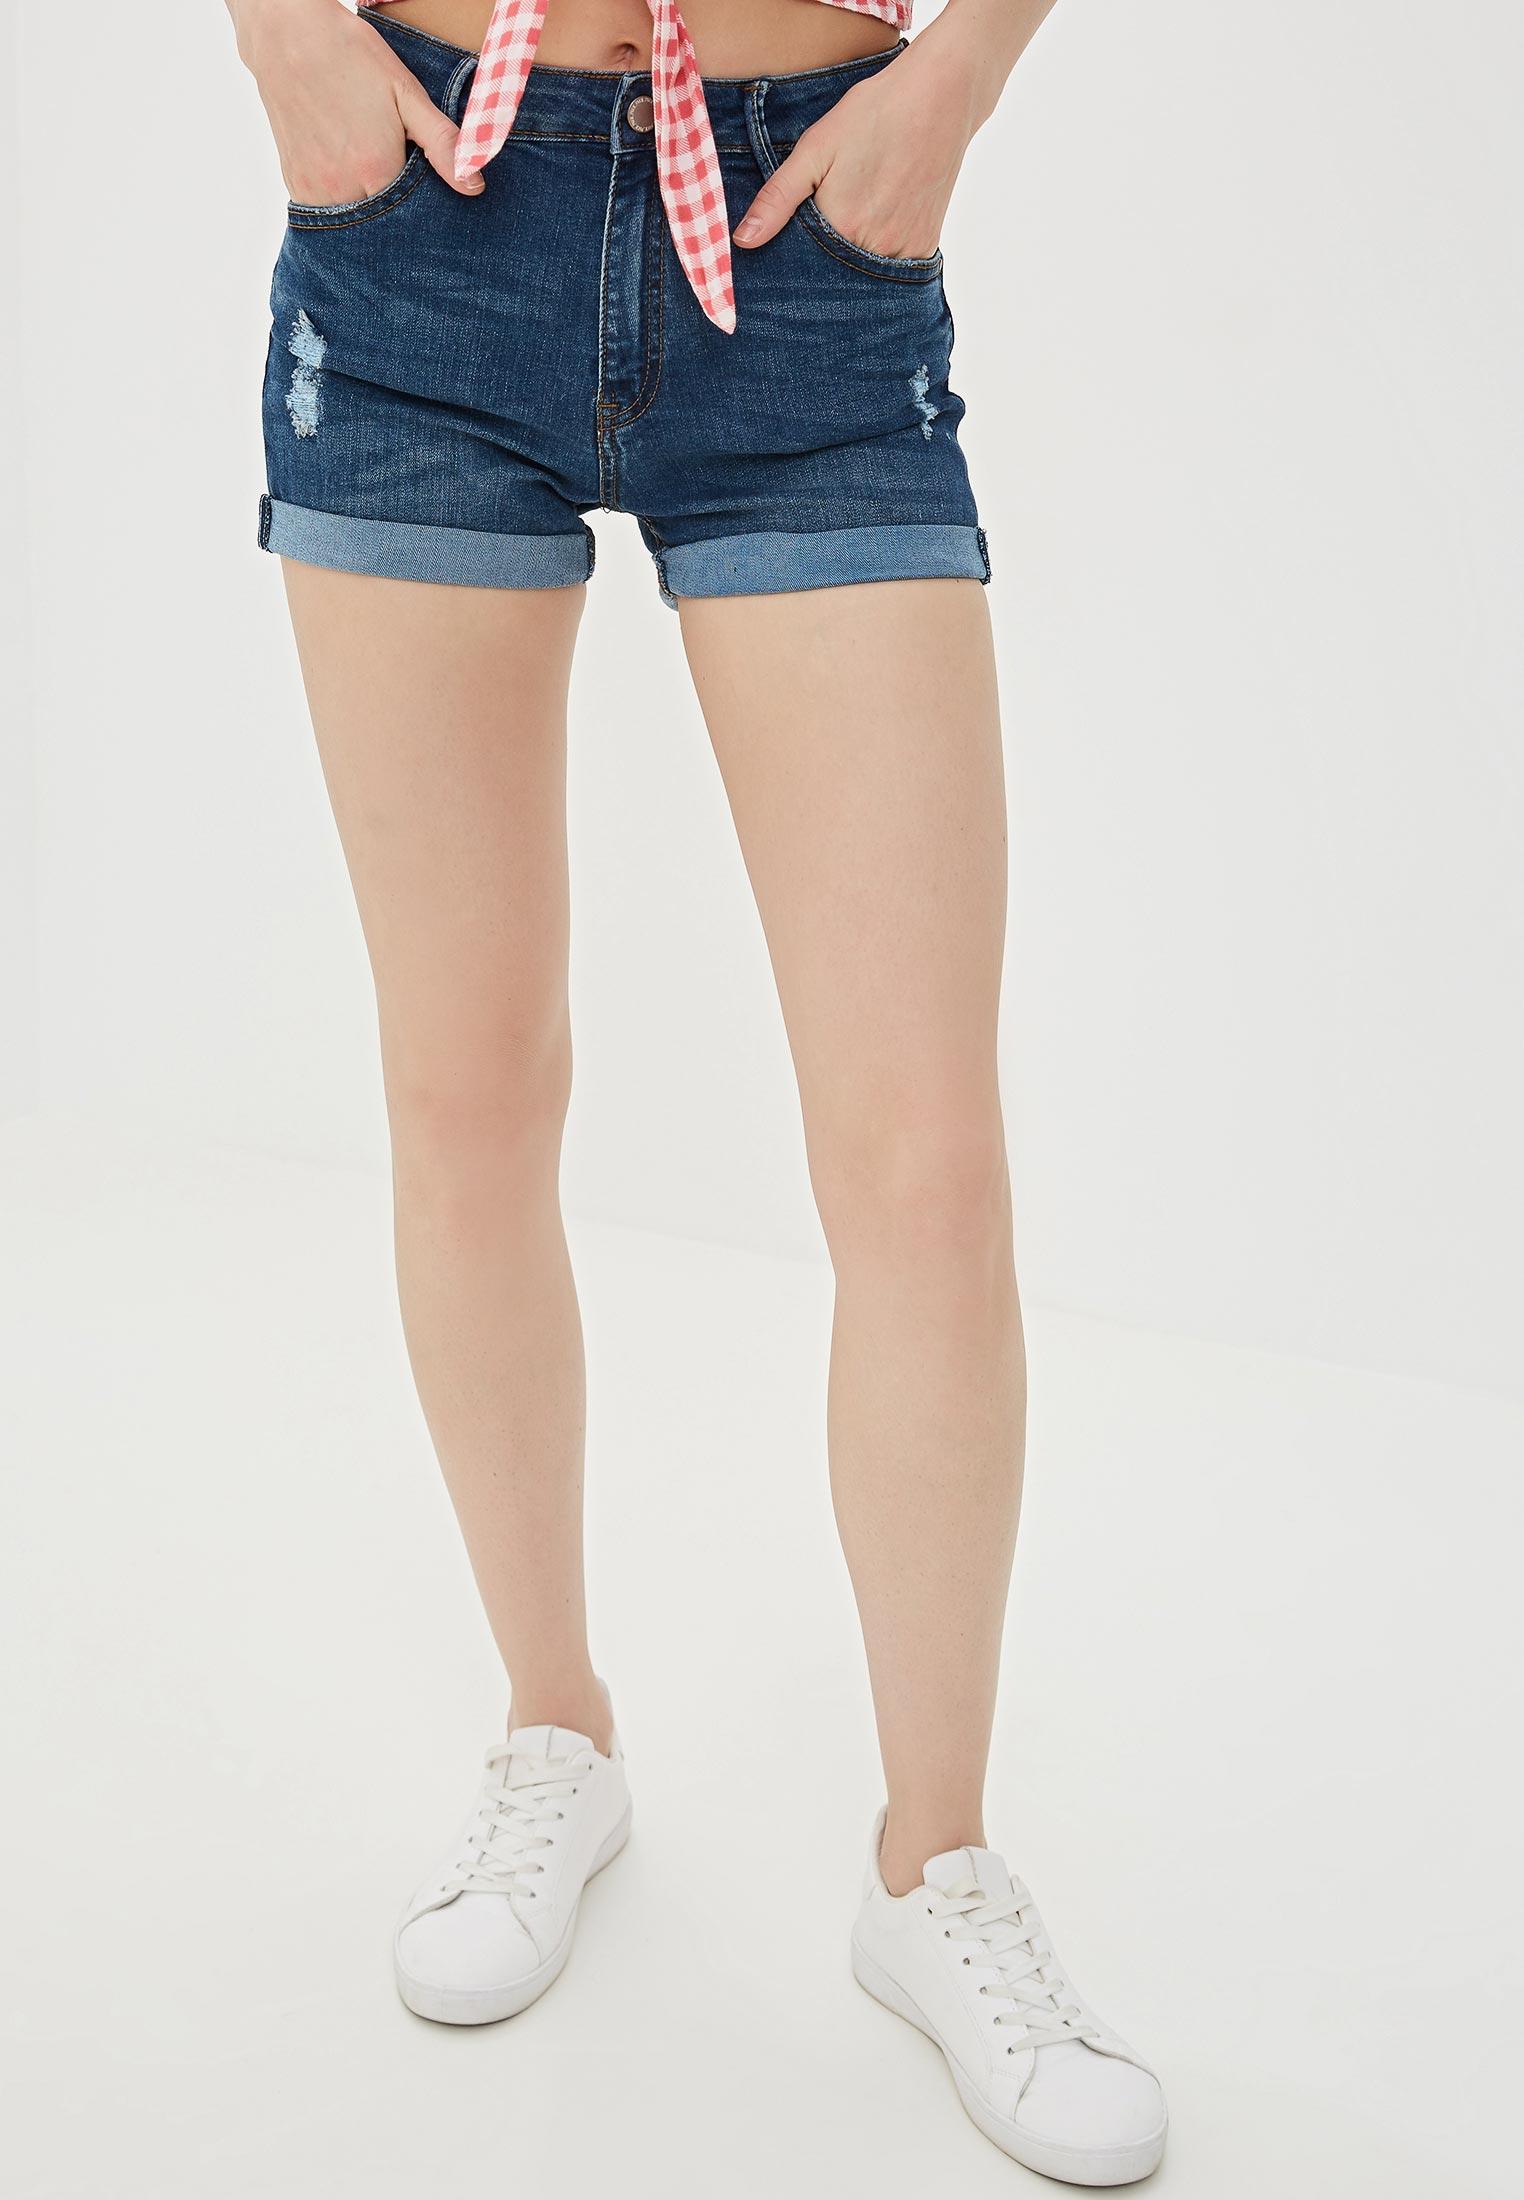 Женские джинсовые шорты Pink Woman 3120.119